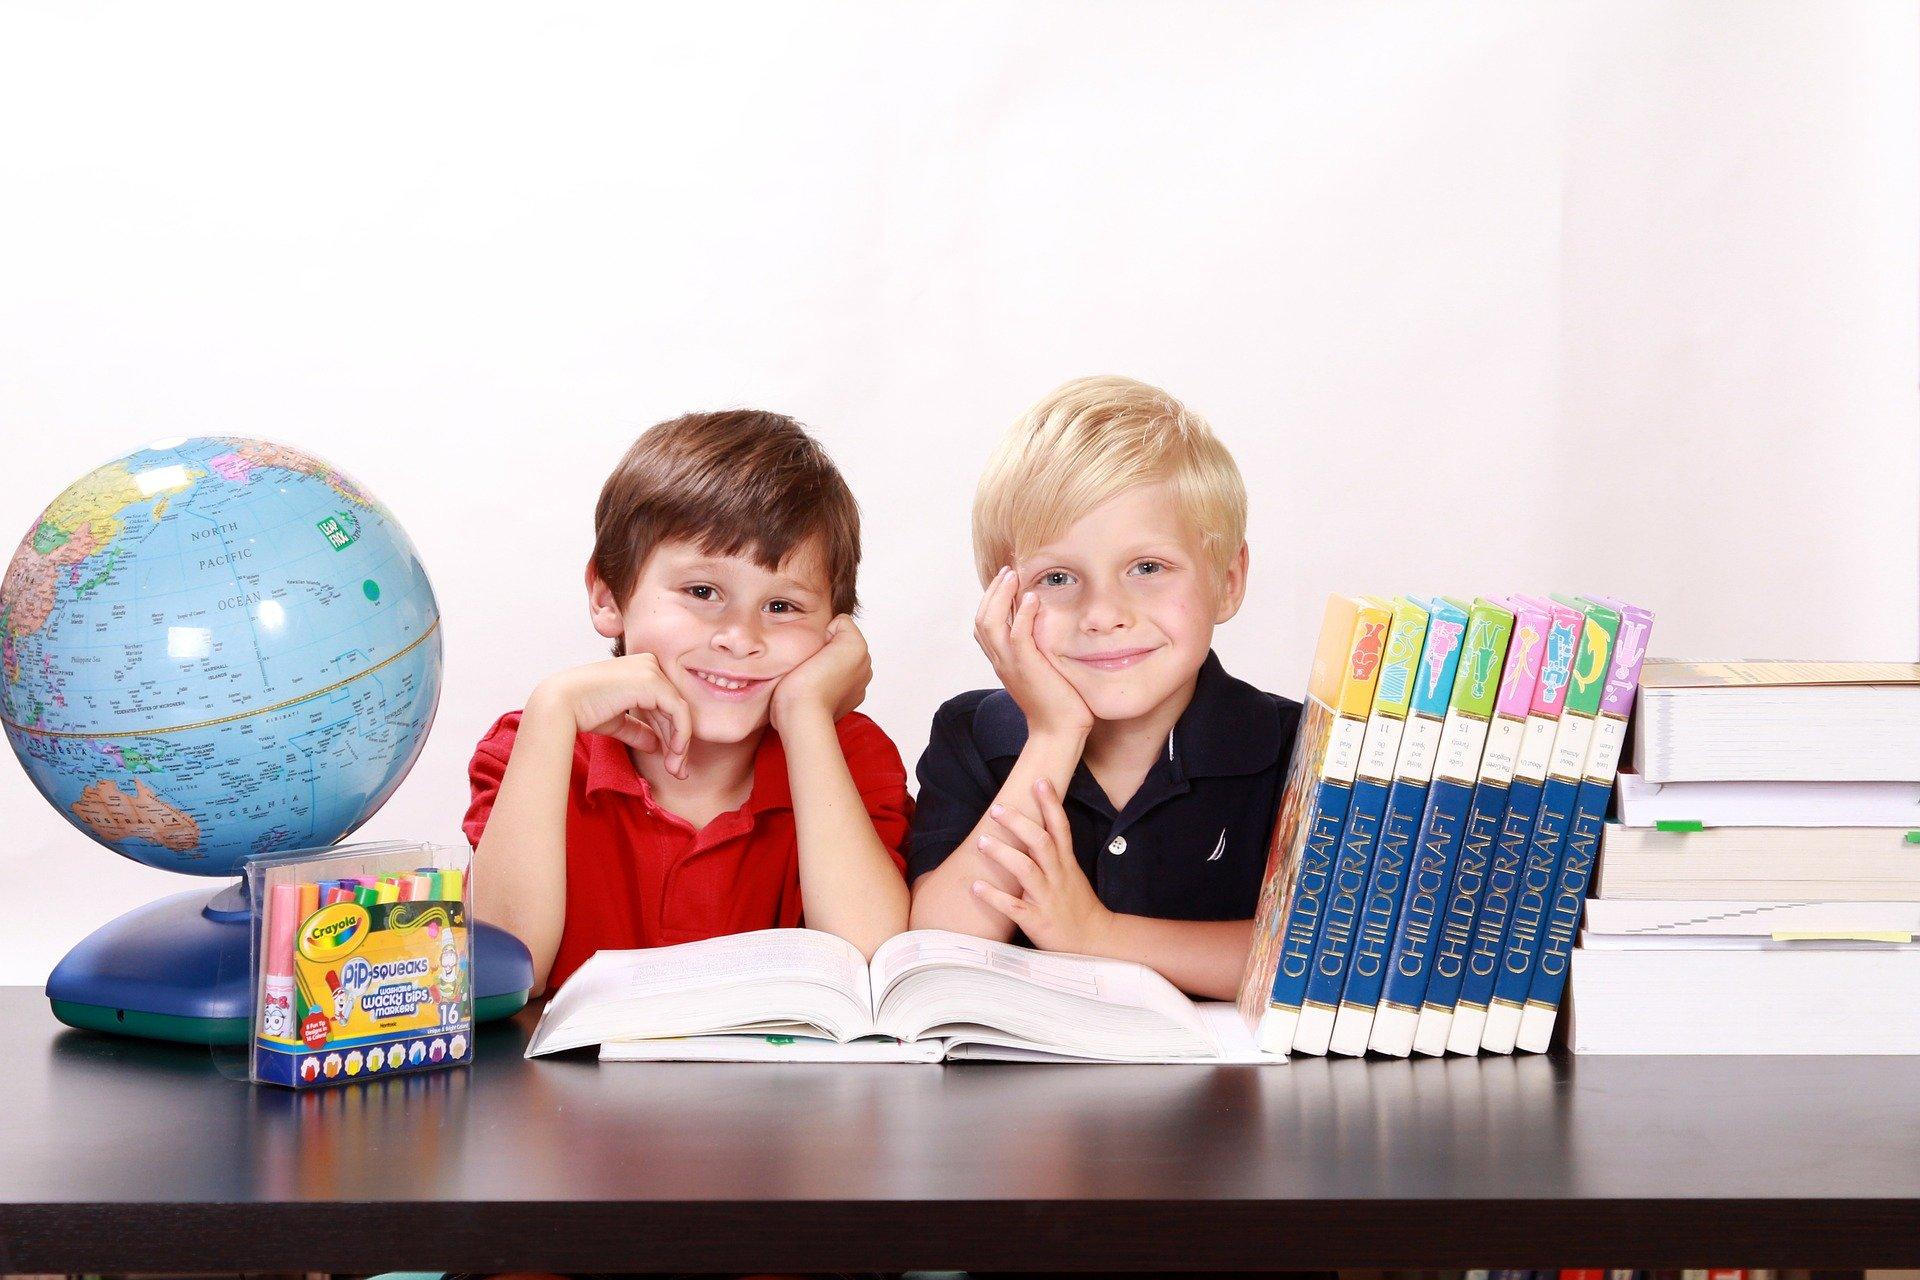 Comment aider un enfant en difficultés ?